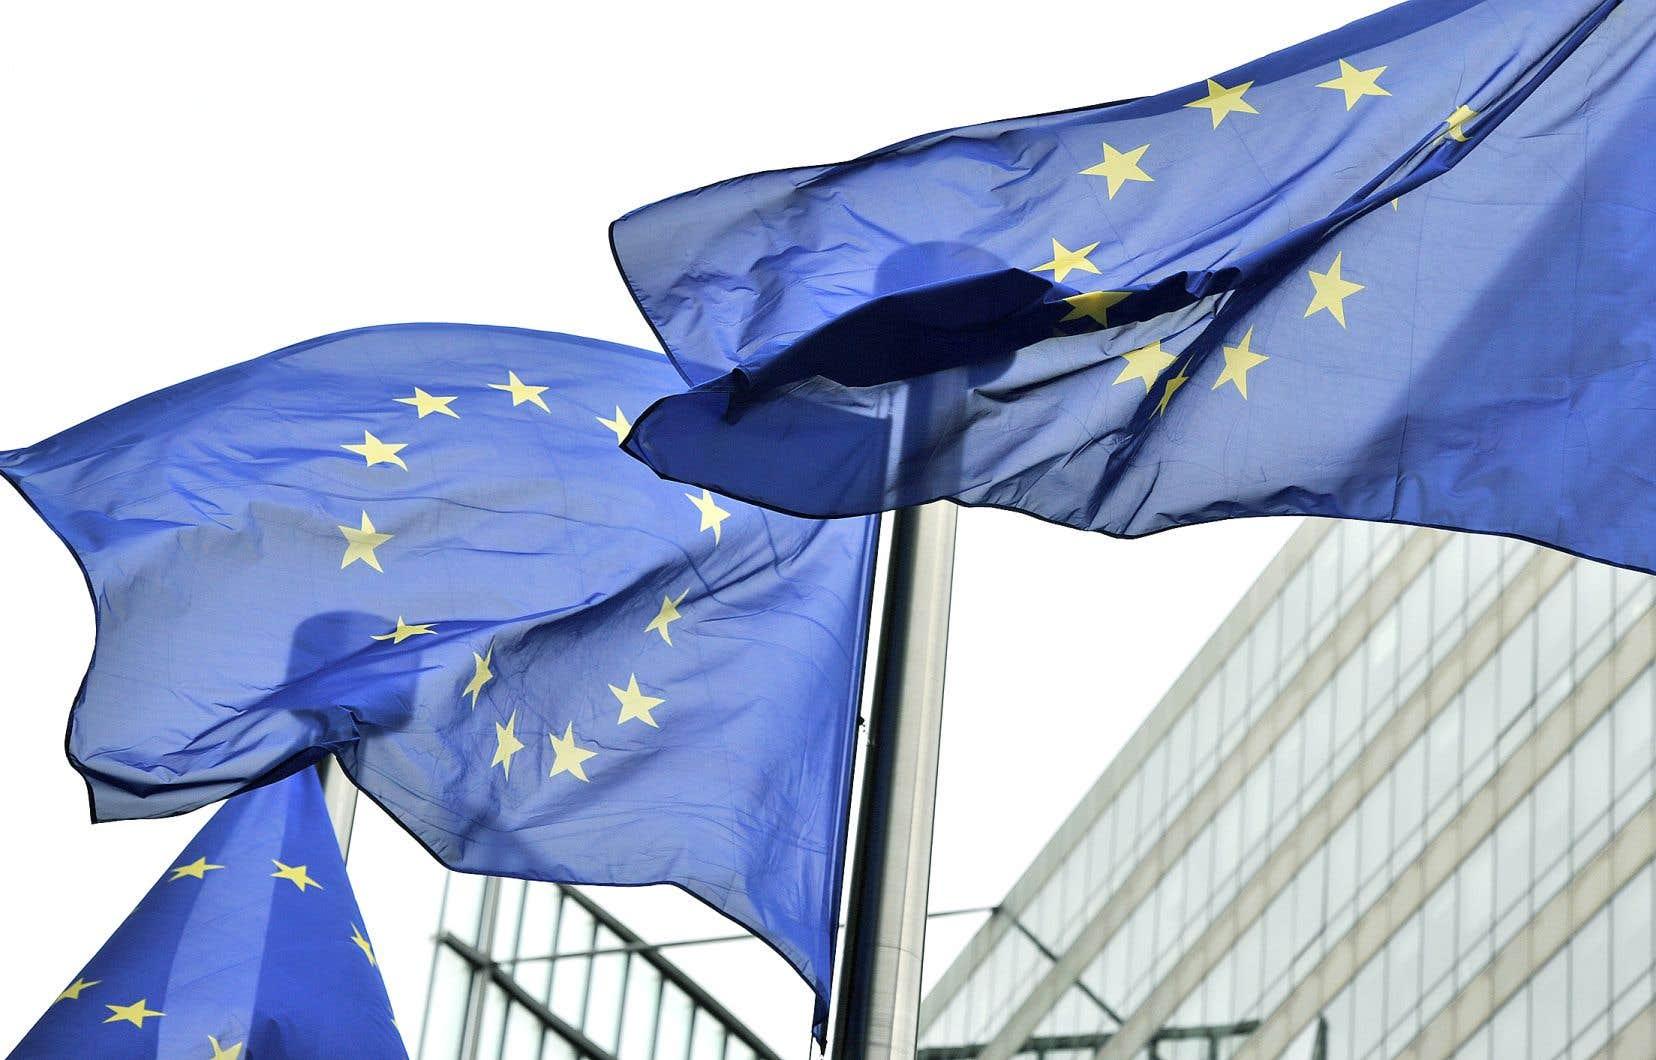 Les drapeaux au vent à l'entrée du bâtiment Berlaymont de la Commission européenne, à Bruxelles